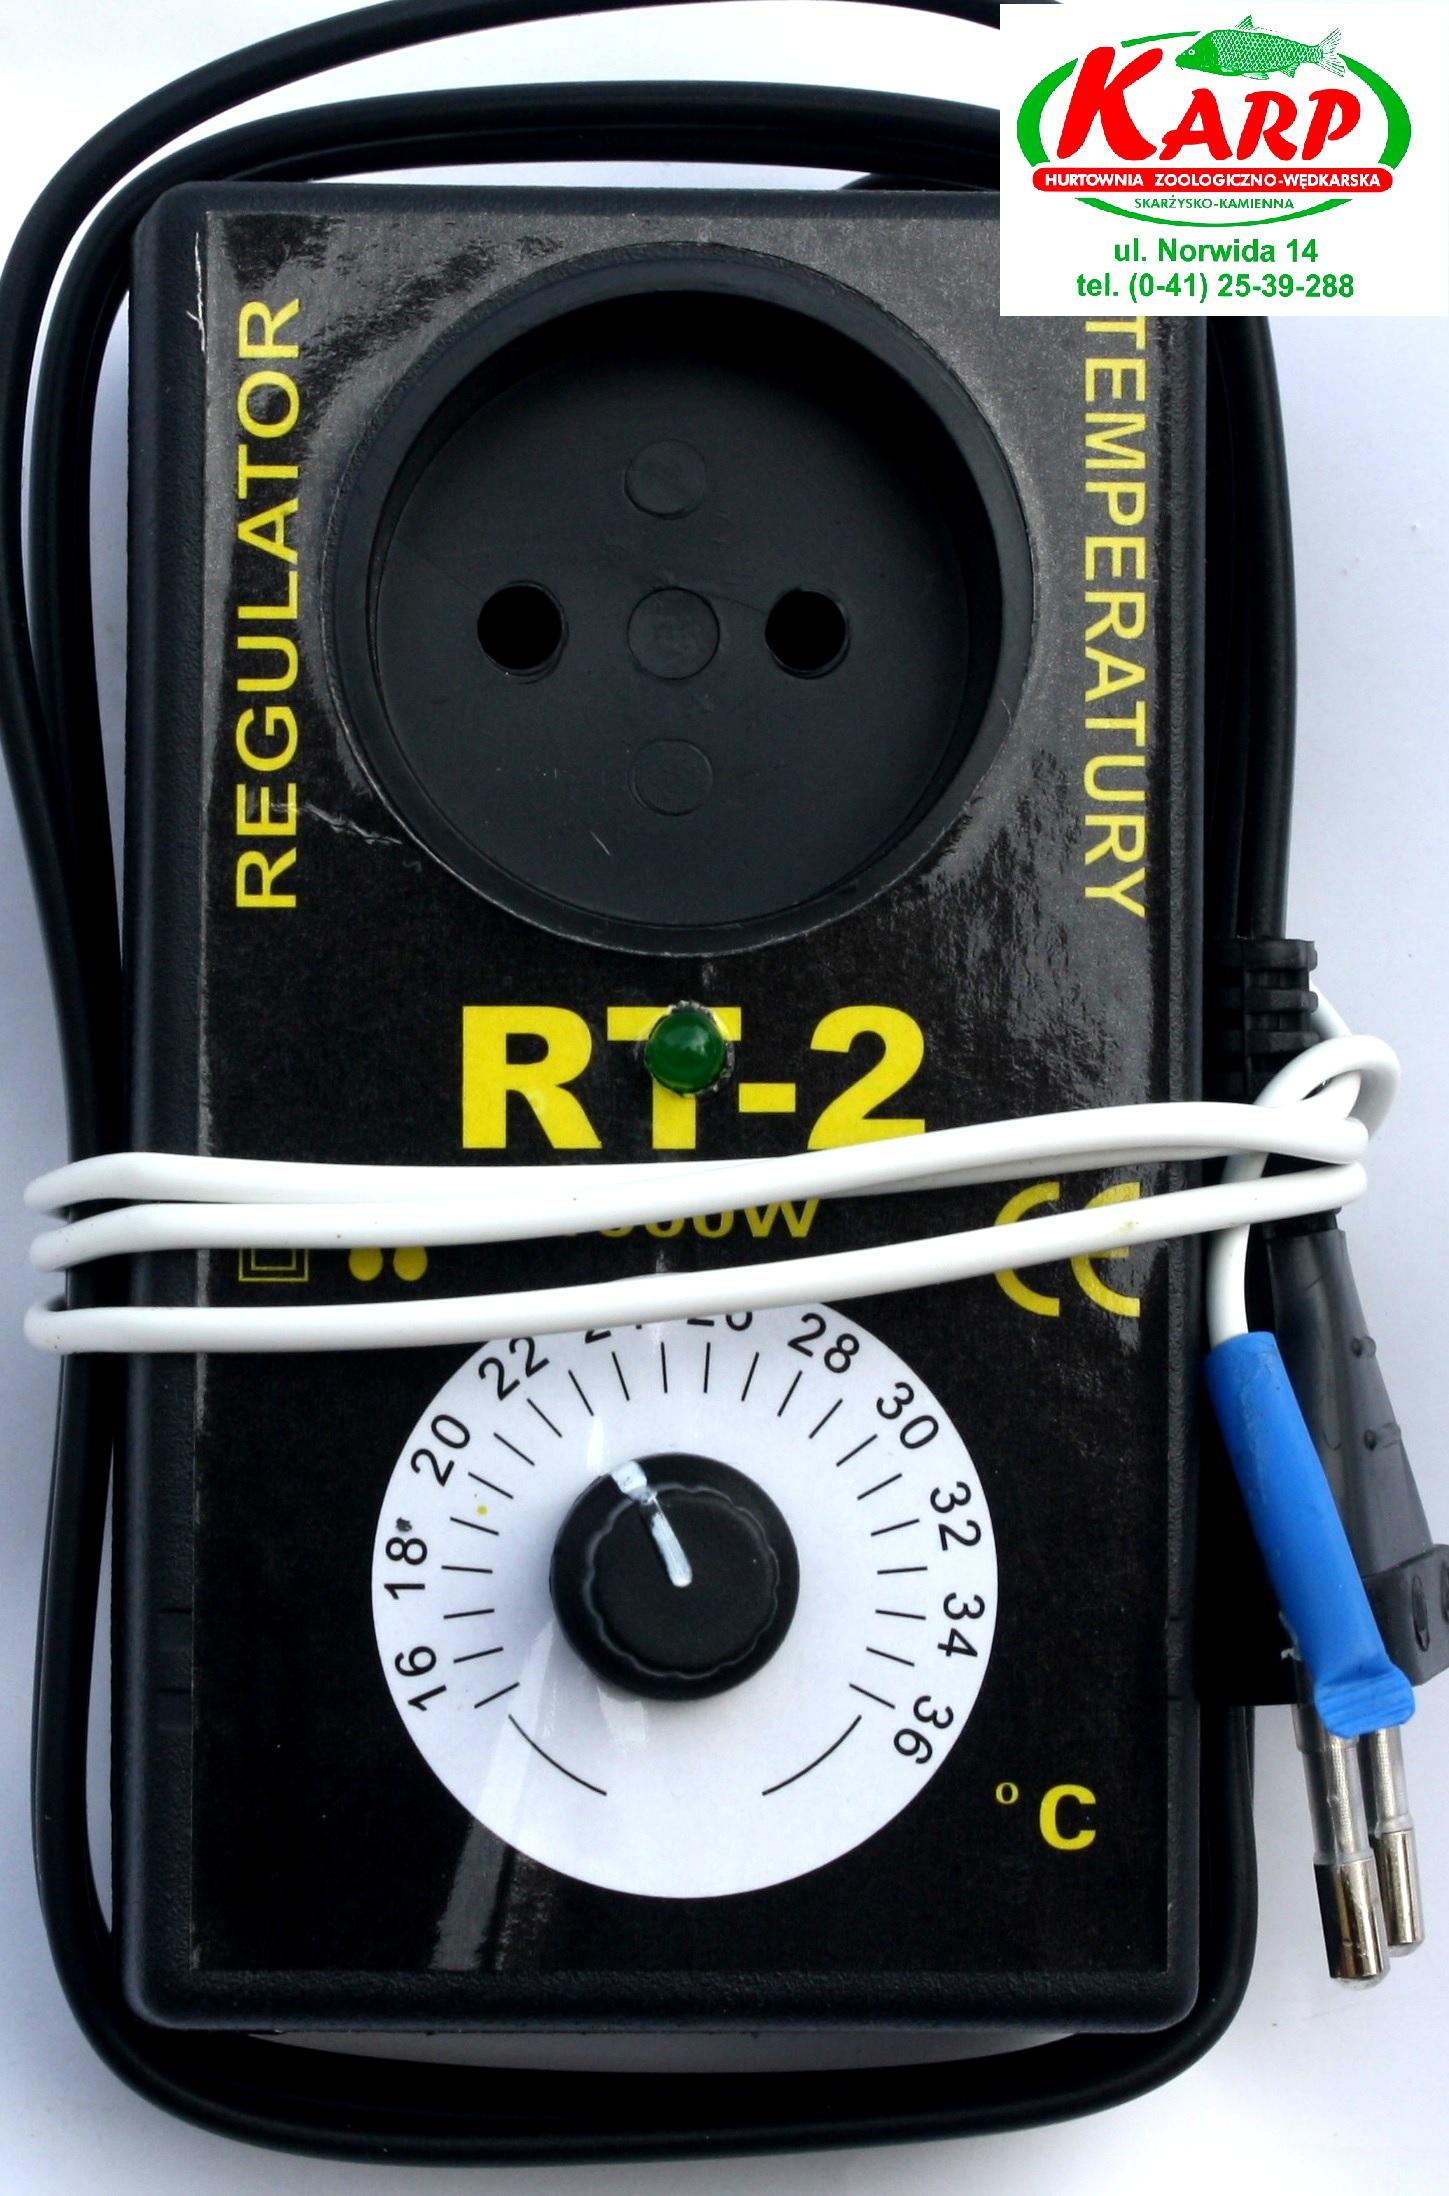 RT-2 Termoregulačný regulátor teploty